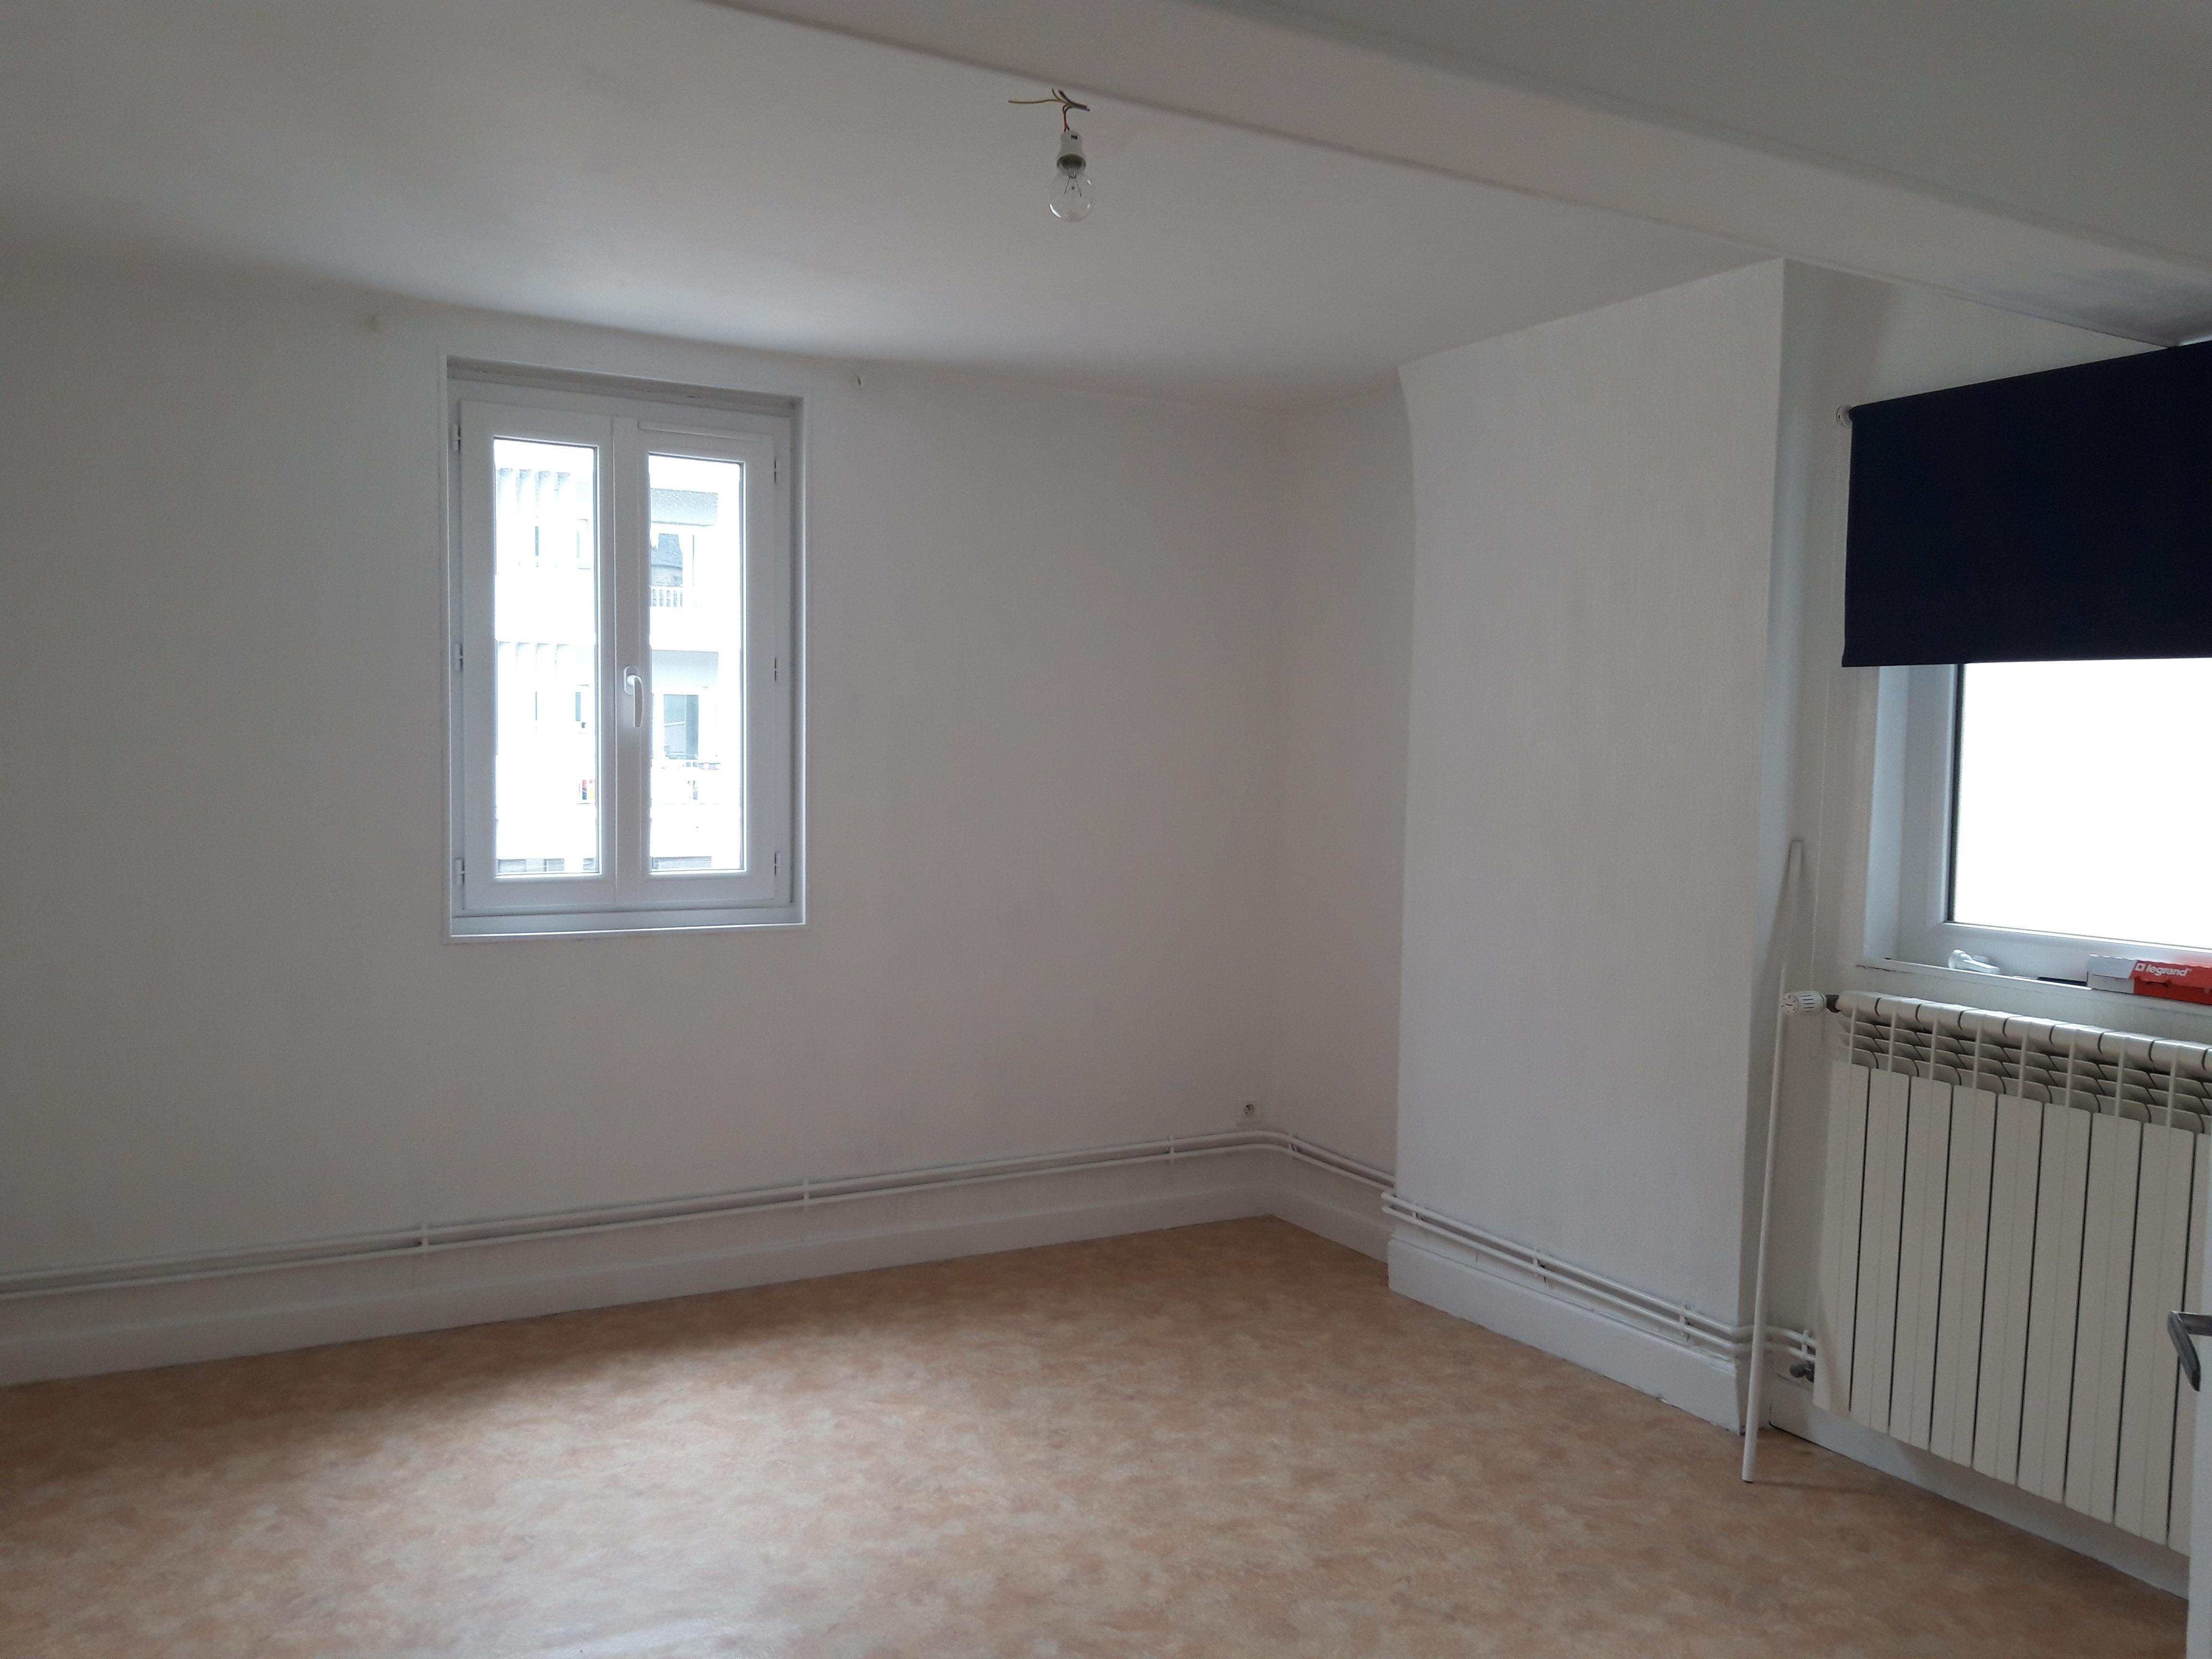 Appartement T1 bis neuf à louer à FIGEAC centre